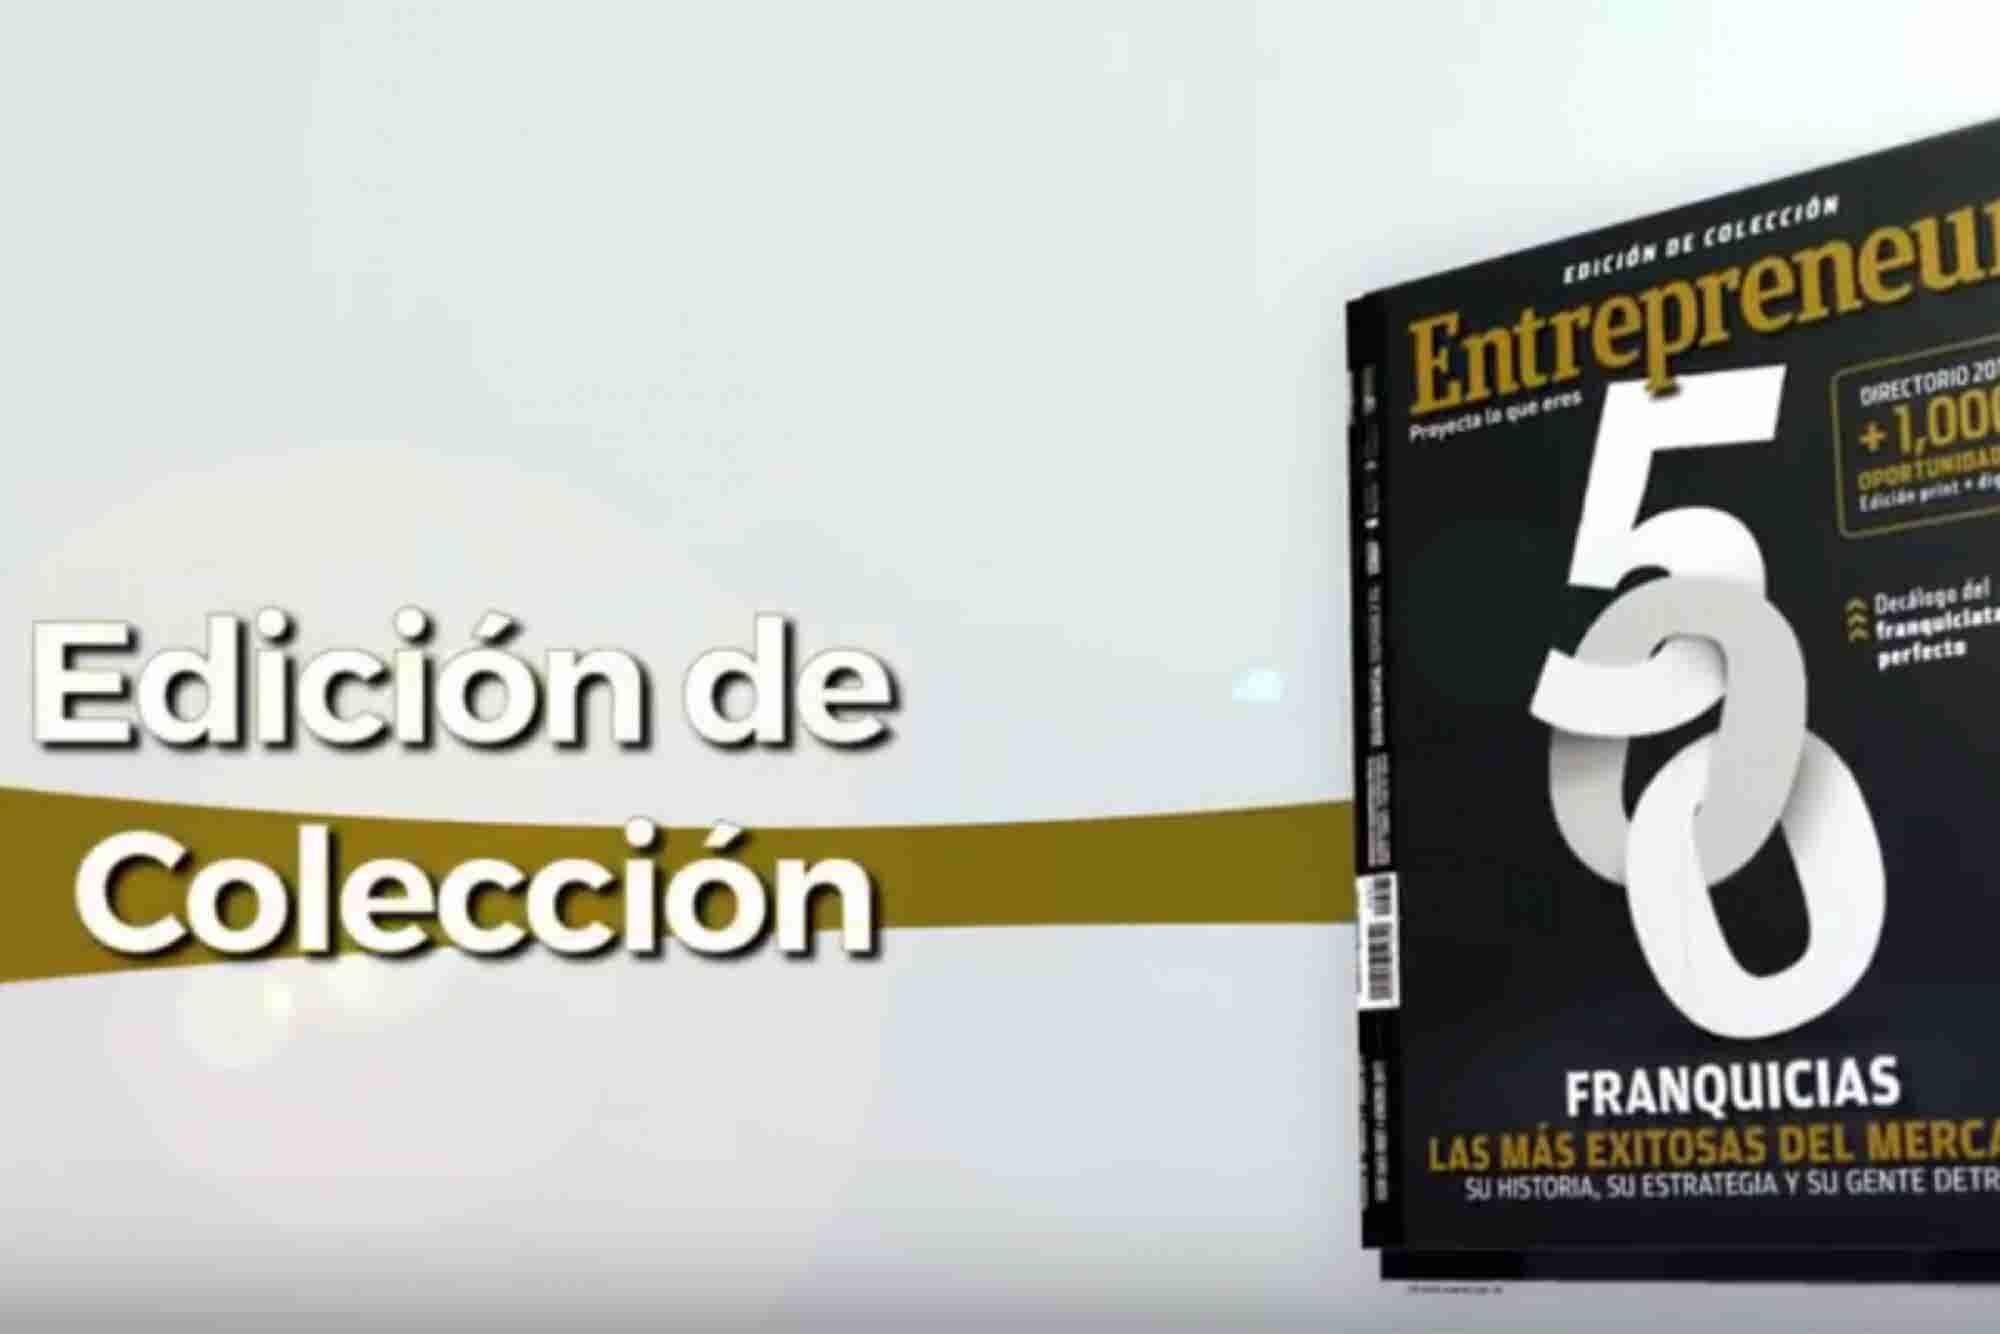 Video: ¡Llega la edición de colección de Entrepreneur!